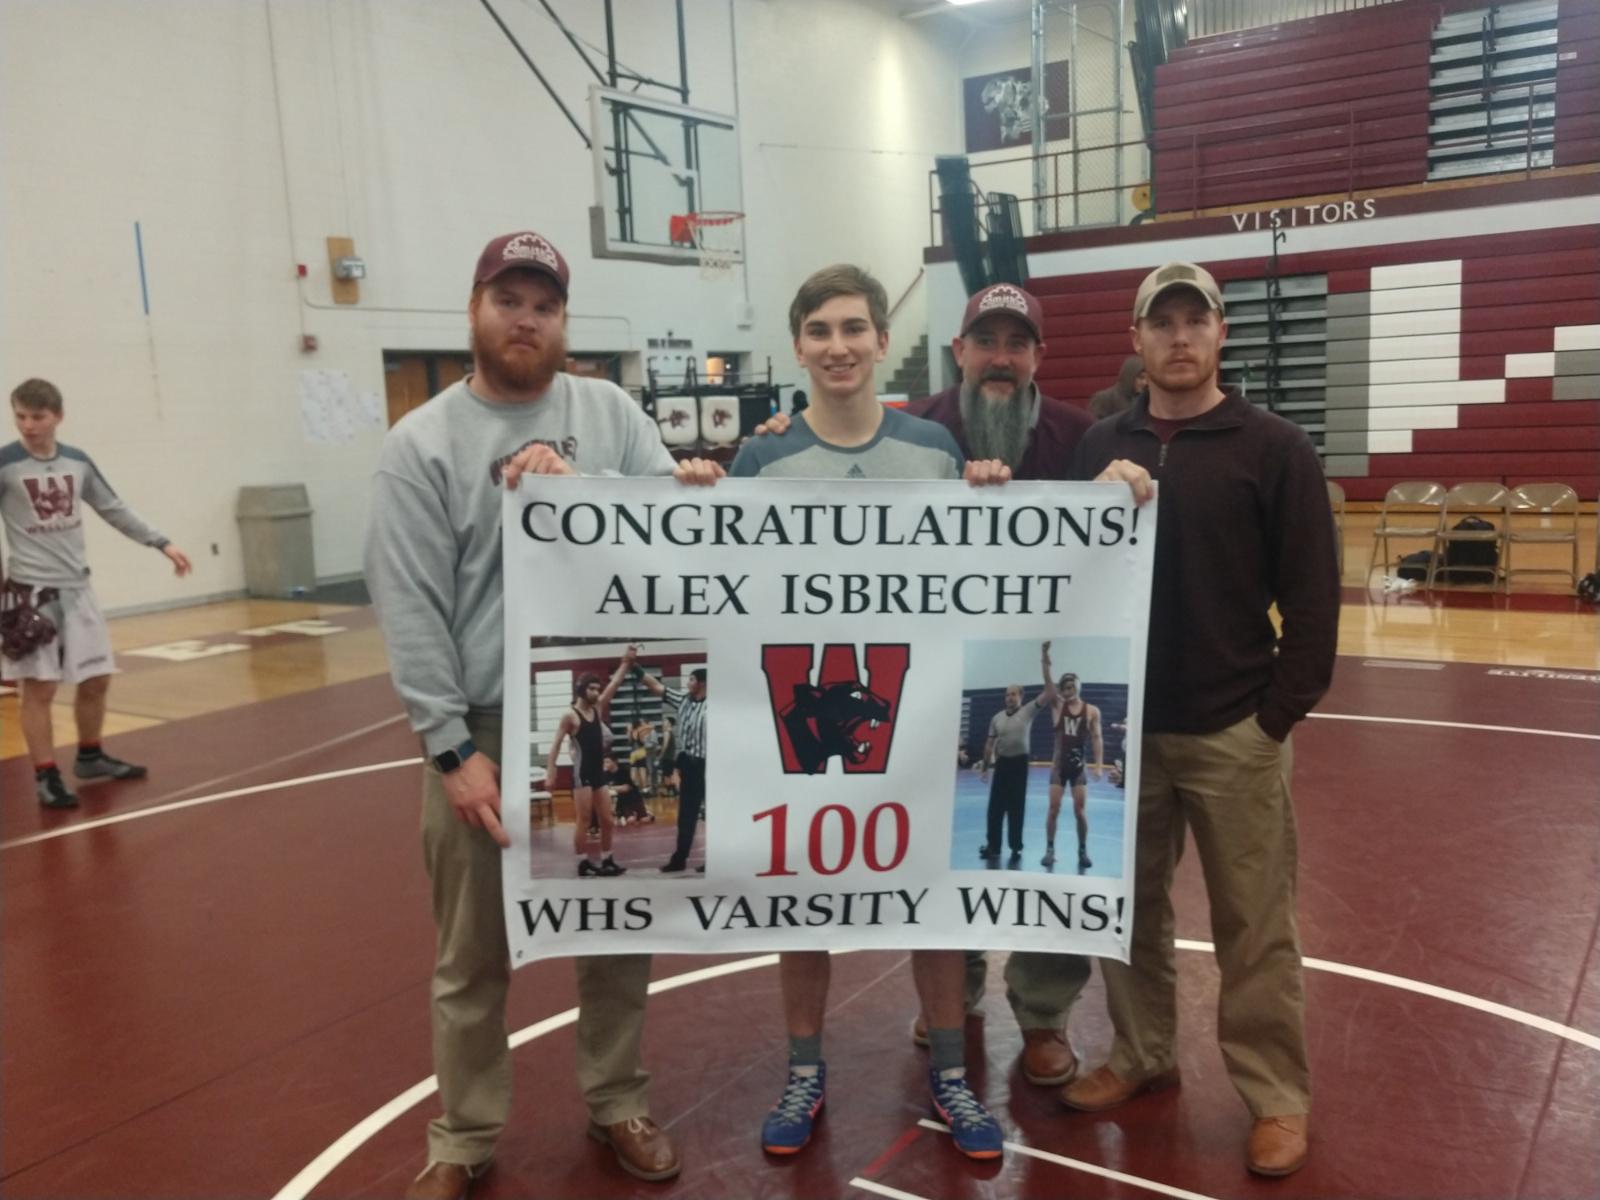 Alex Isbrecht hits 100 Wins